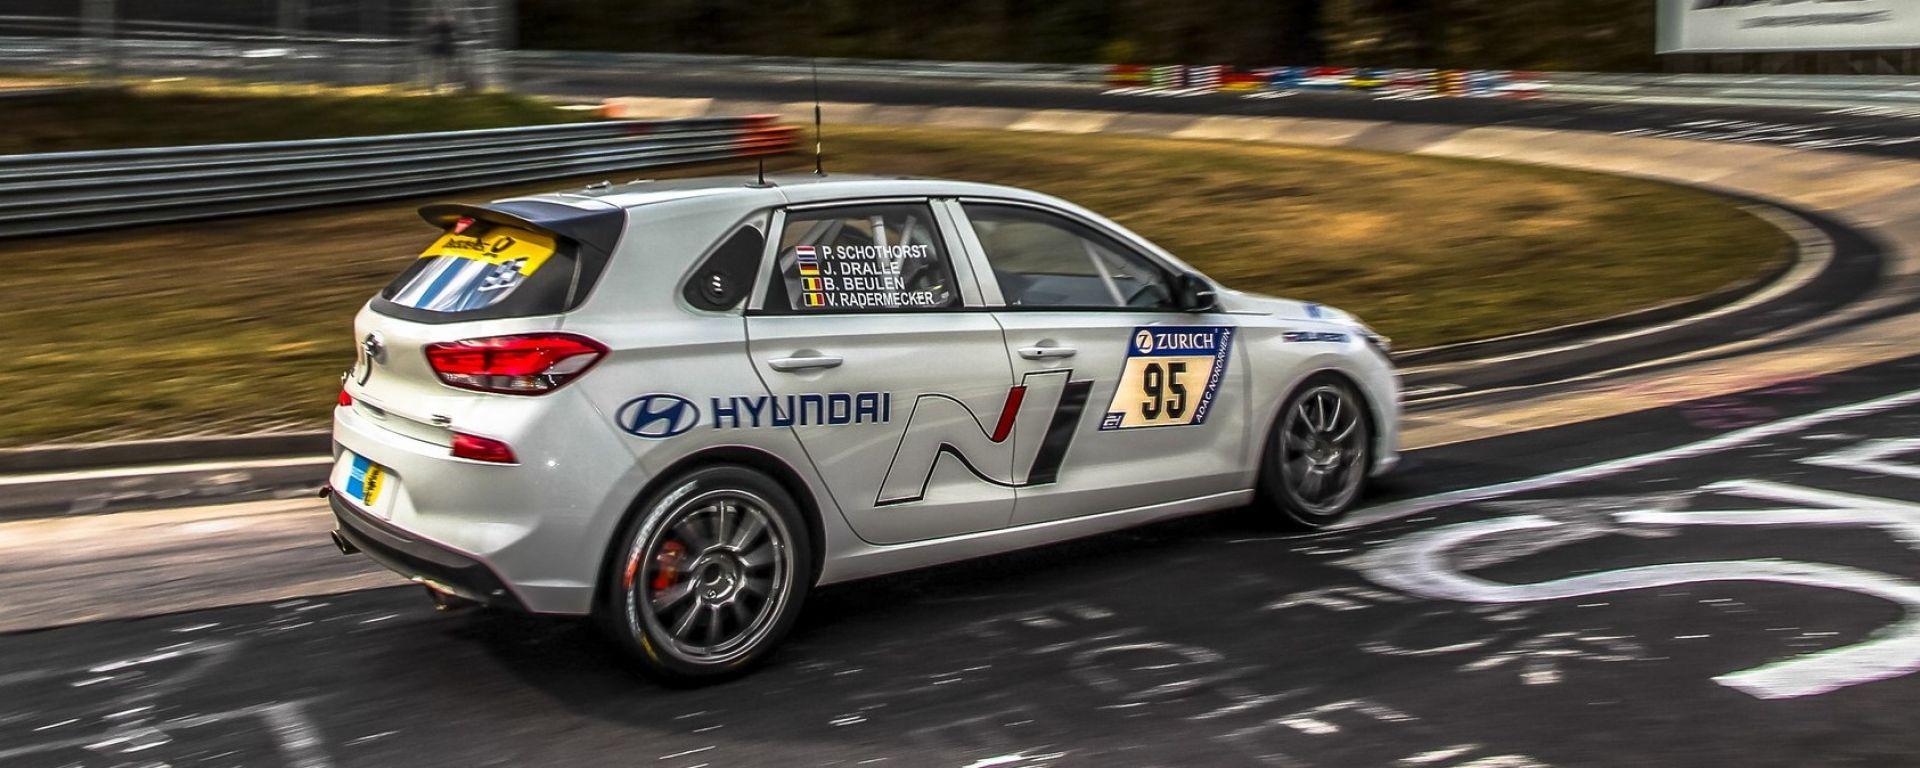 Hyundai i30 N, ultimi test al Nurburgring